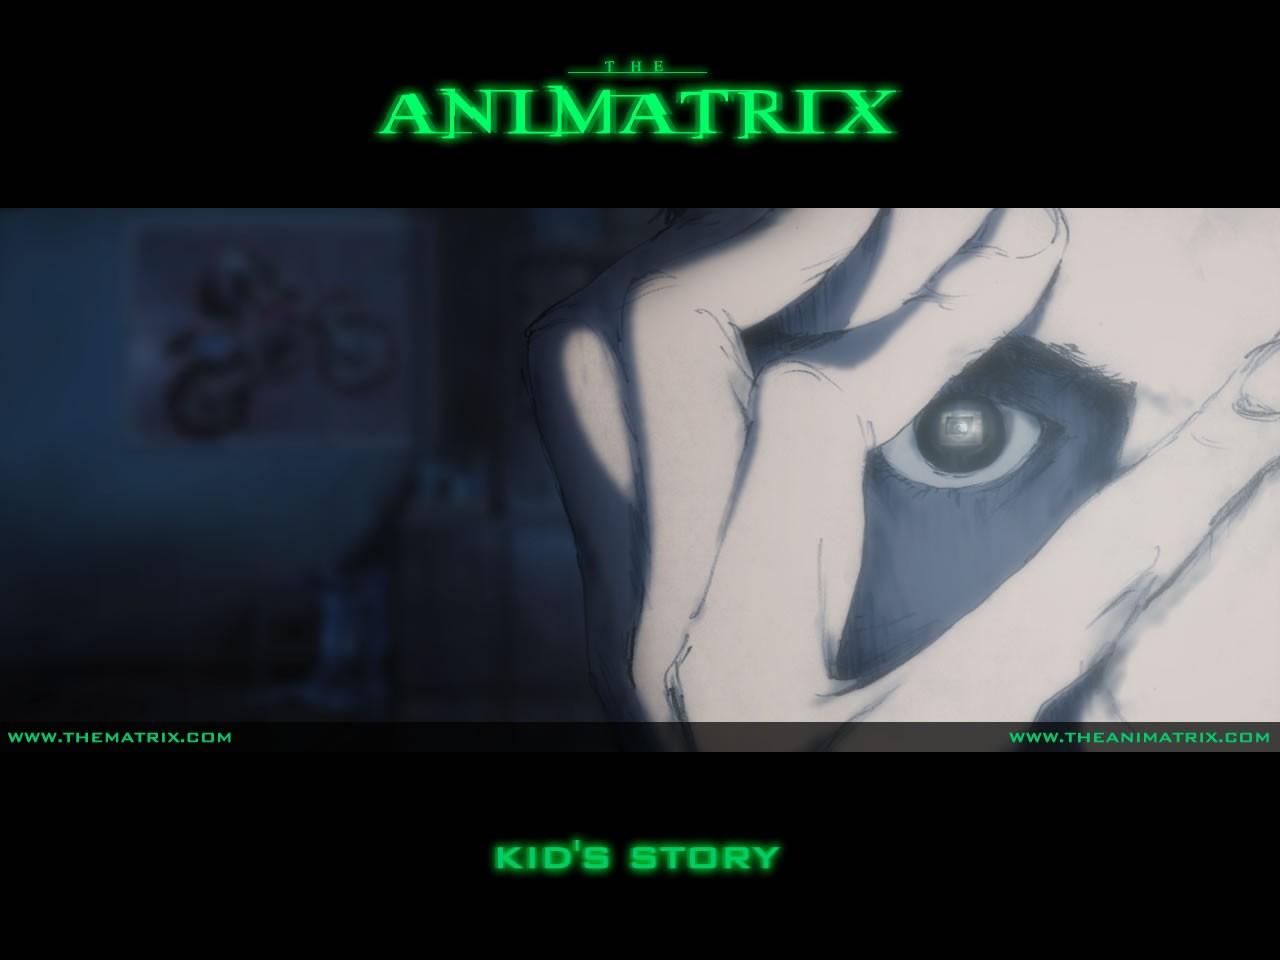 Un wallpaper dell'episodio 'Kid's Story' di Animatrix